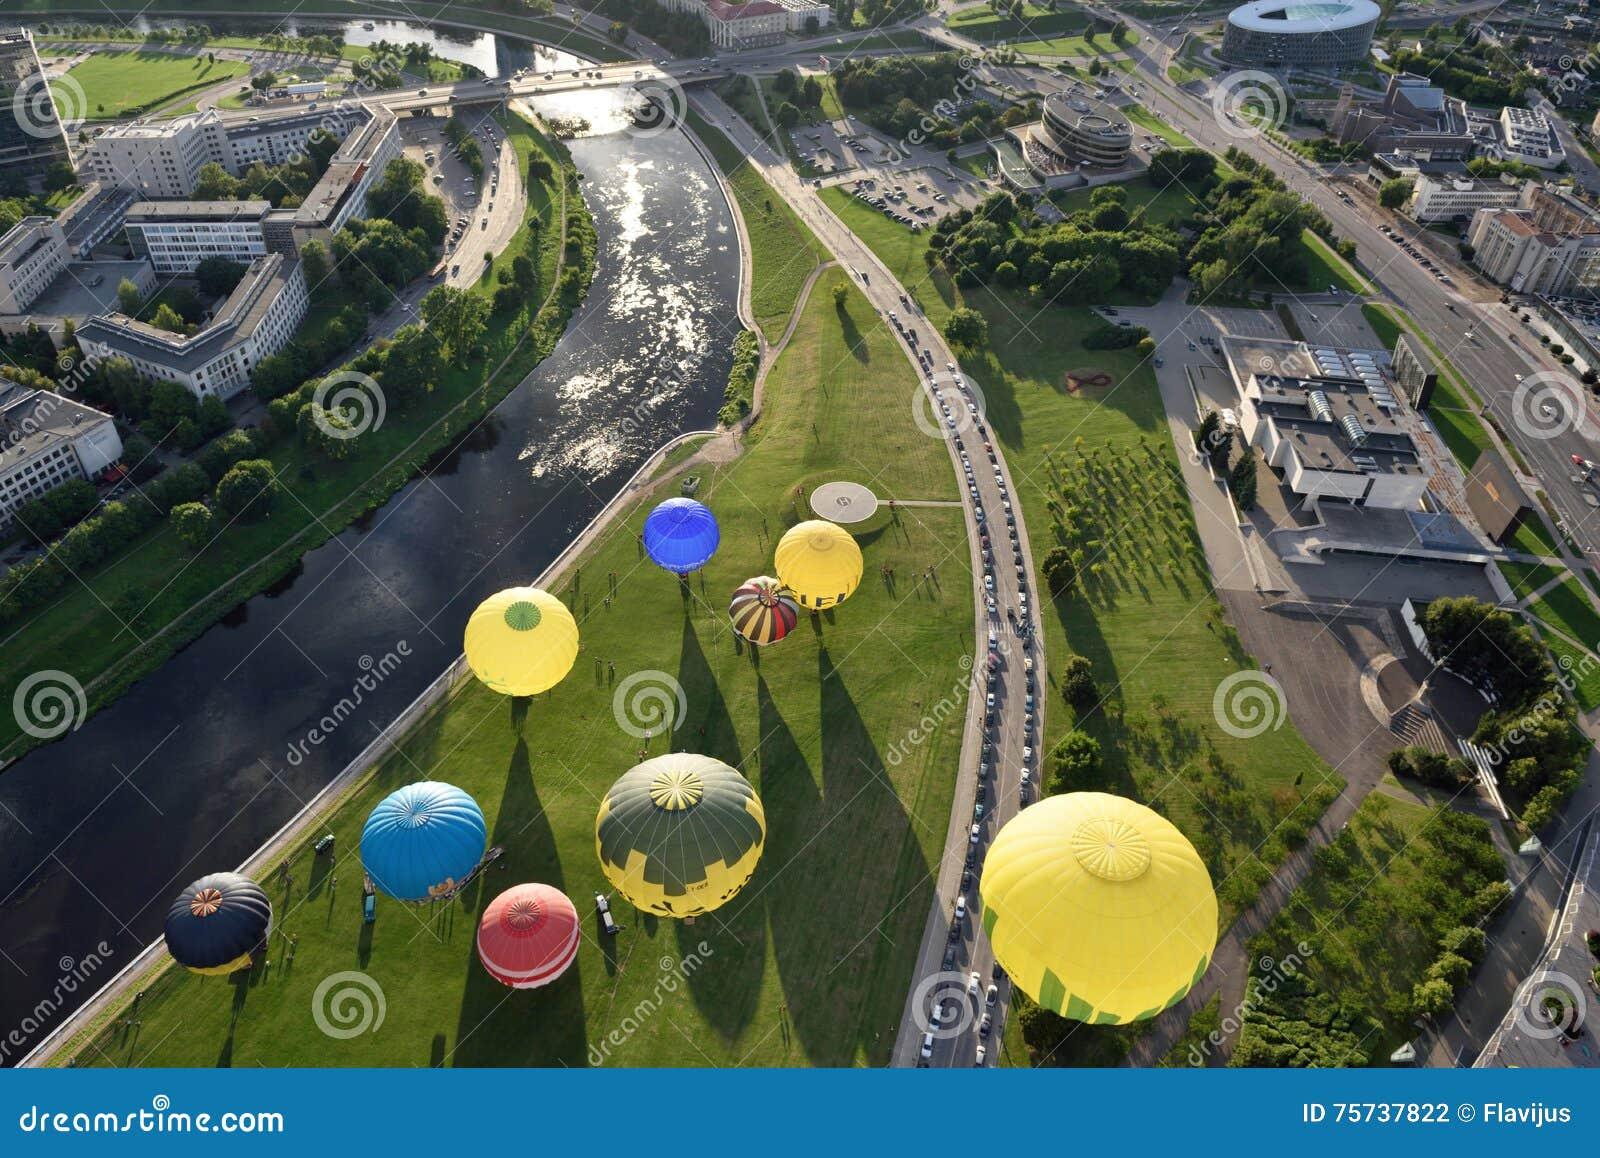 Горячие воздушные шары в Вильнюсе